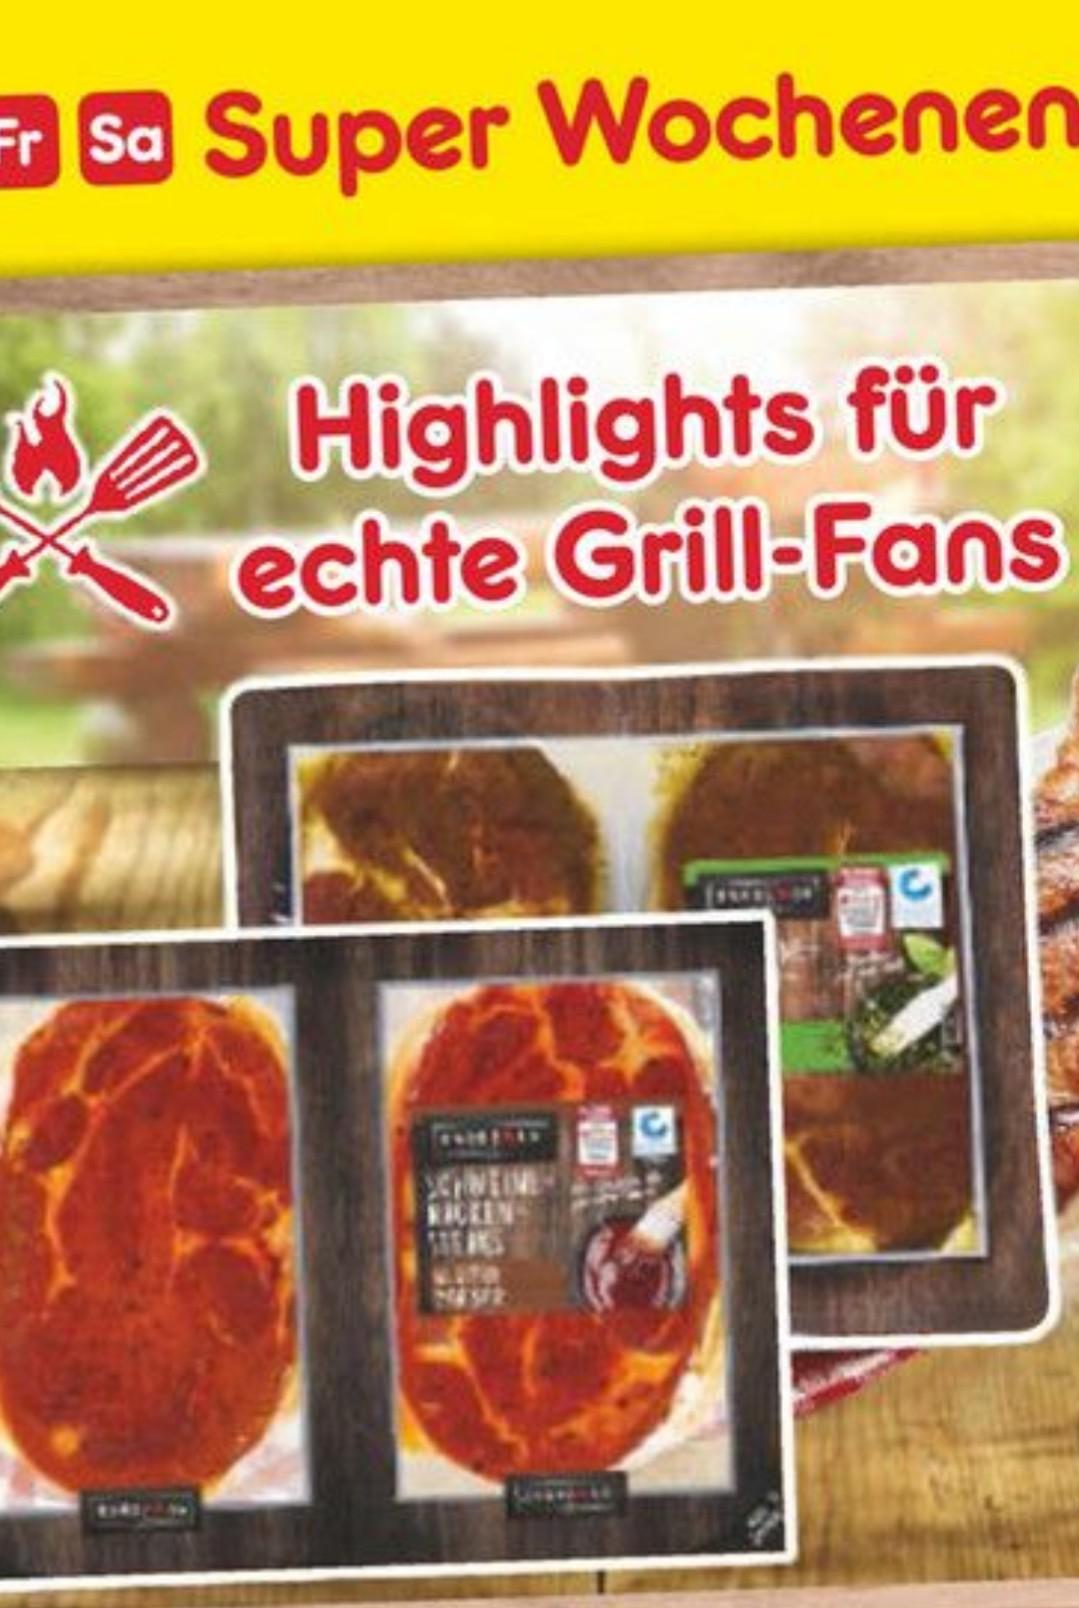 Netto MD ab heute Schweine-Nackensteaks für 2,39 + Grillkohle wenn man 2 Packungen kauft!